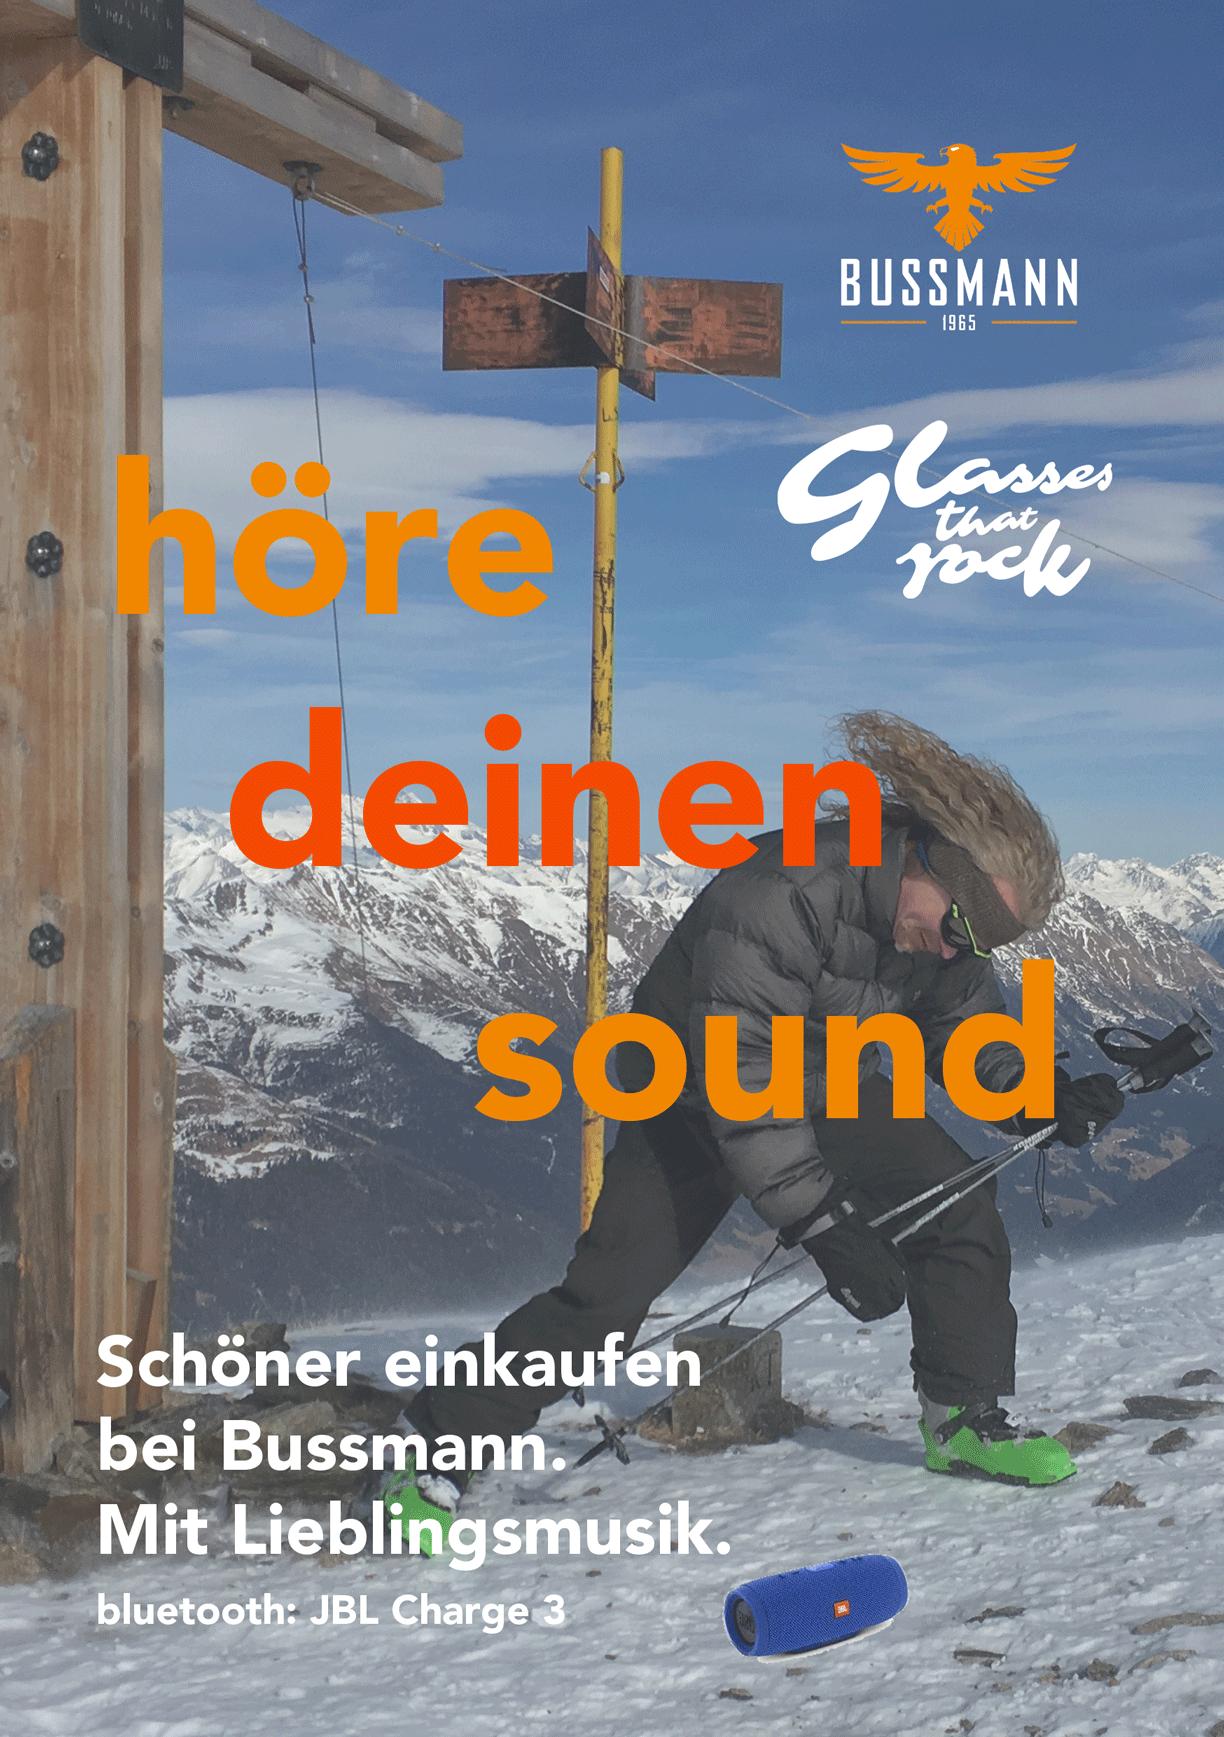 höre deinen sound mit unserer boombox